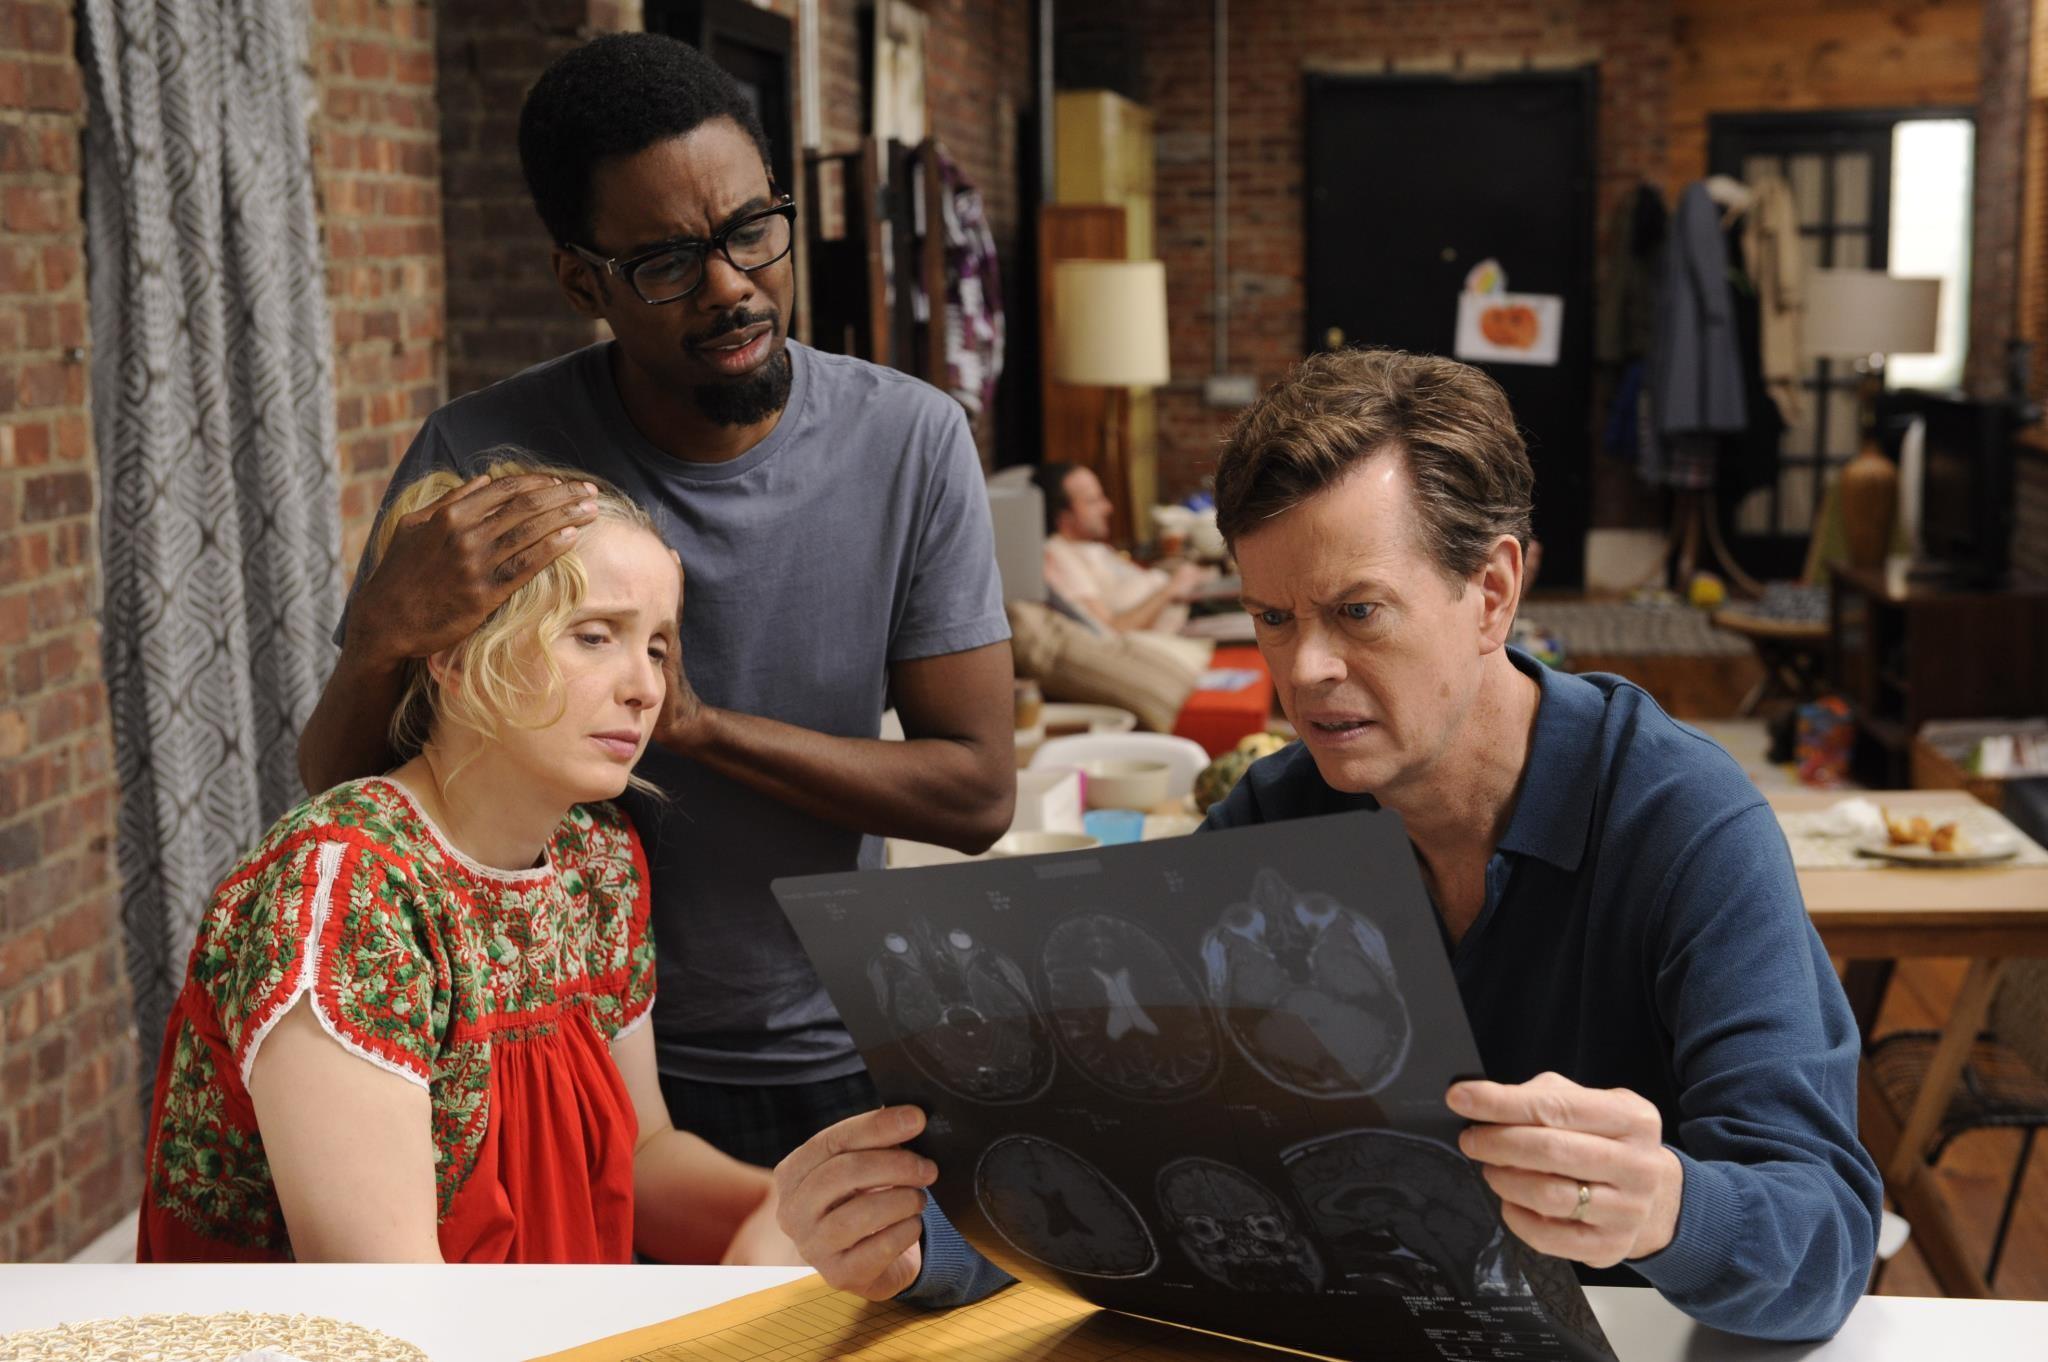 кадры из фильма 2 дня в Нью-Йорке Жюли Дельпи, Крис Рок, Дилан Бейкер,